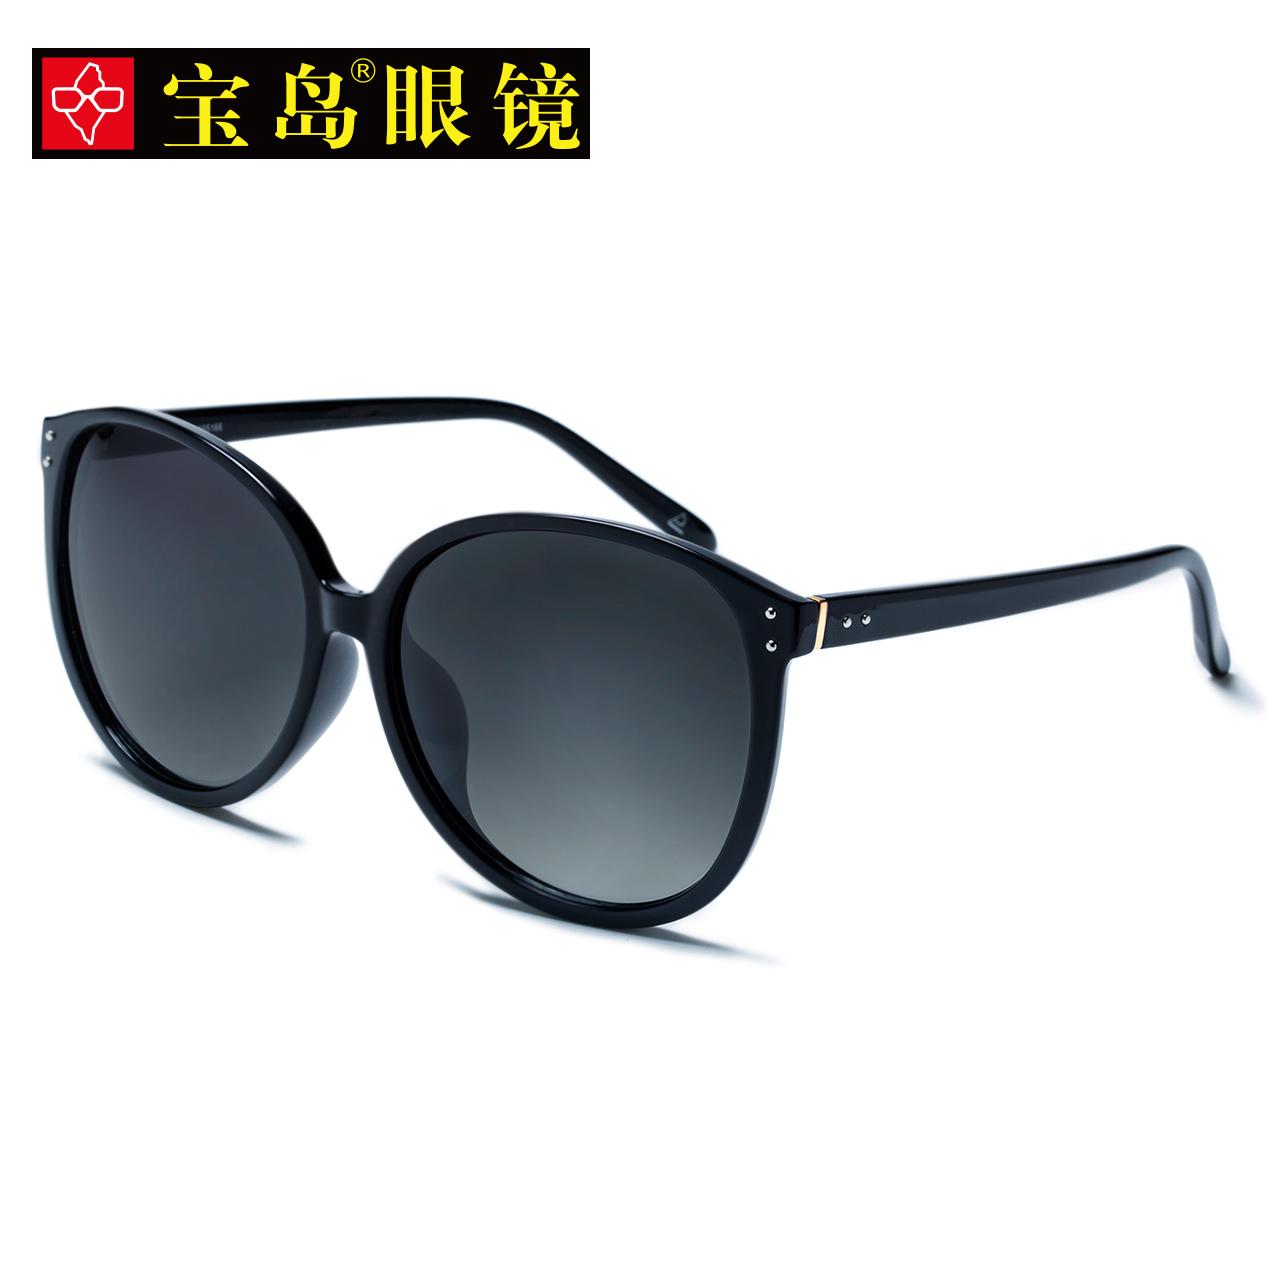 目戏太阳眼镜 2018新款太阳镜女潮韩版方脸大框偏光墨镜 60101